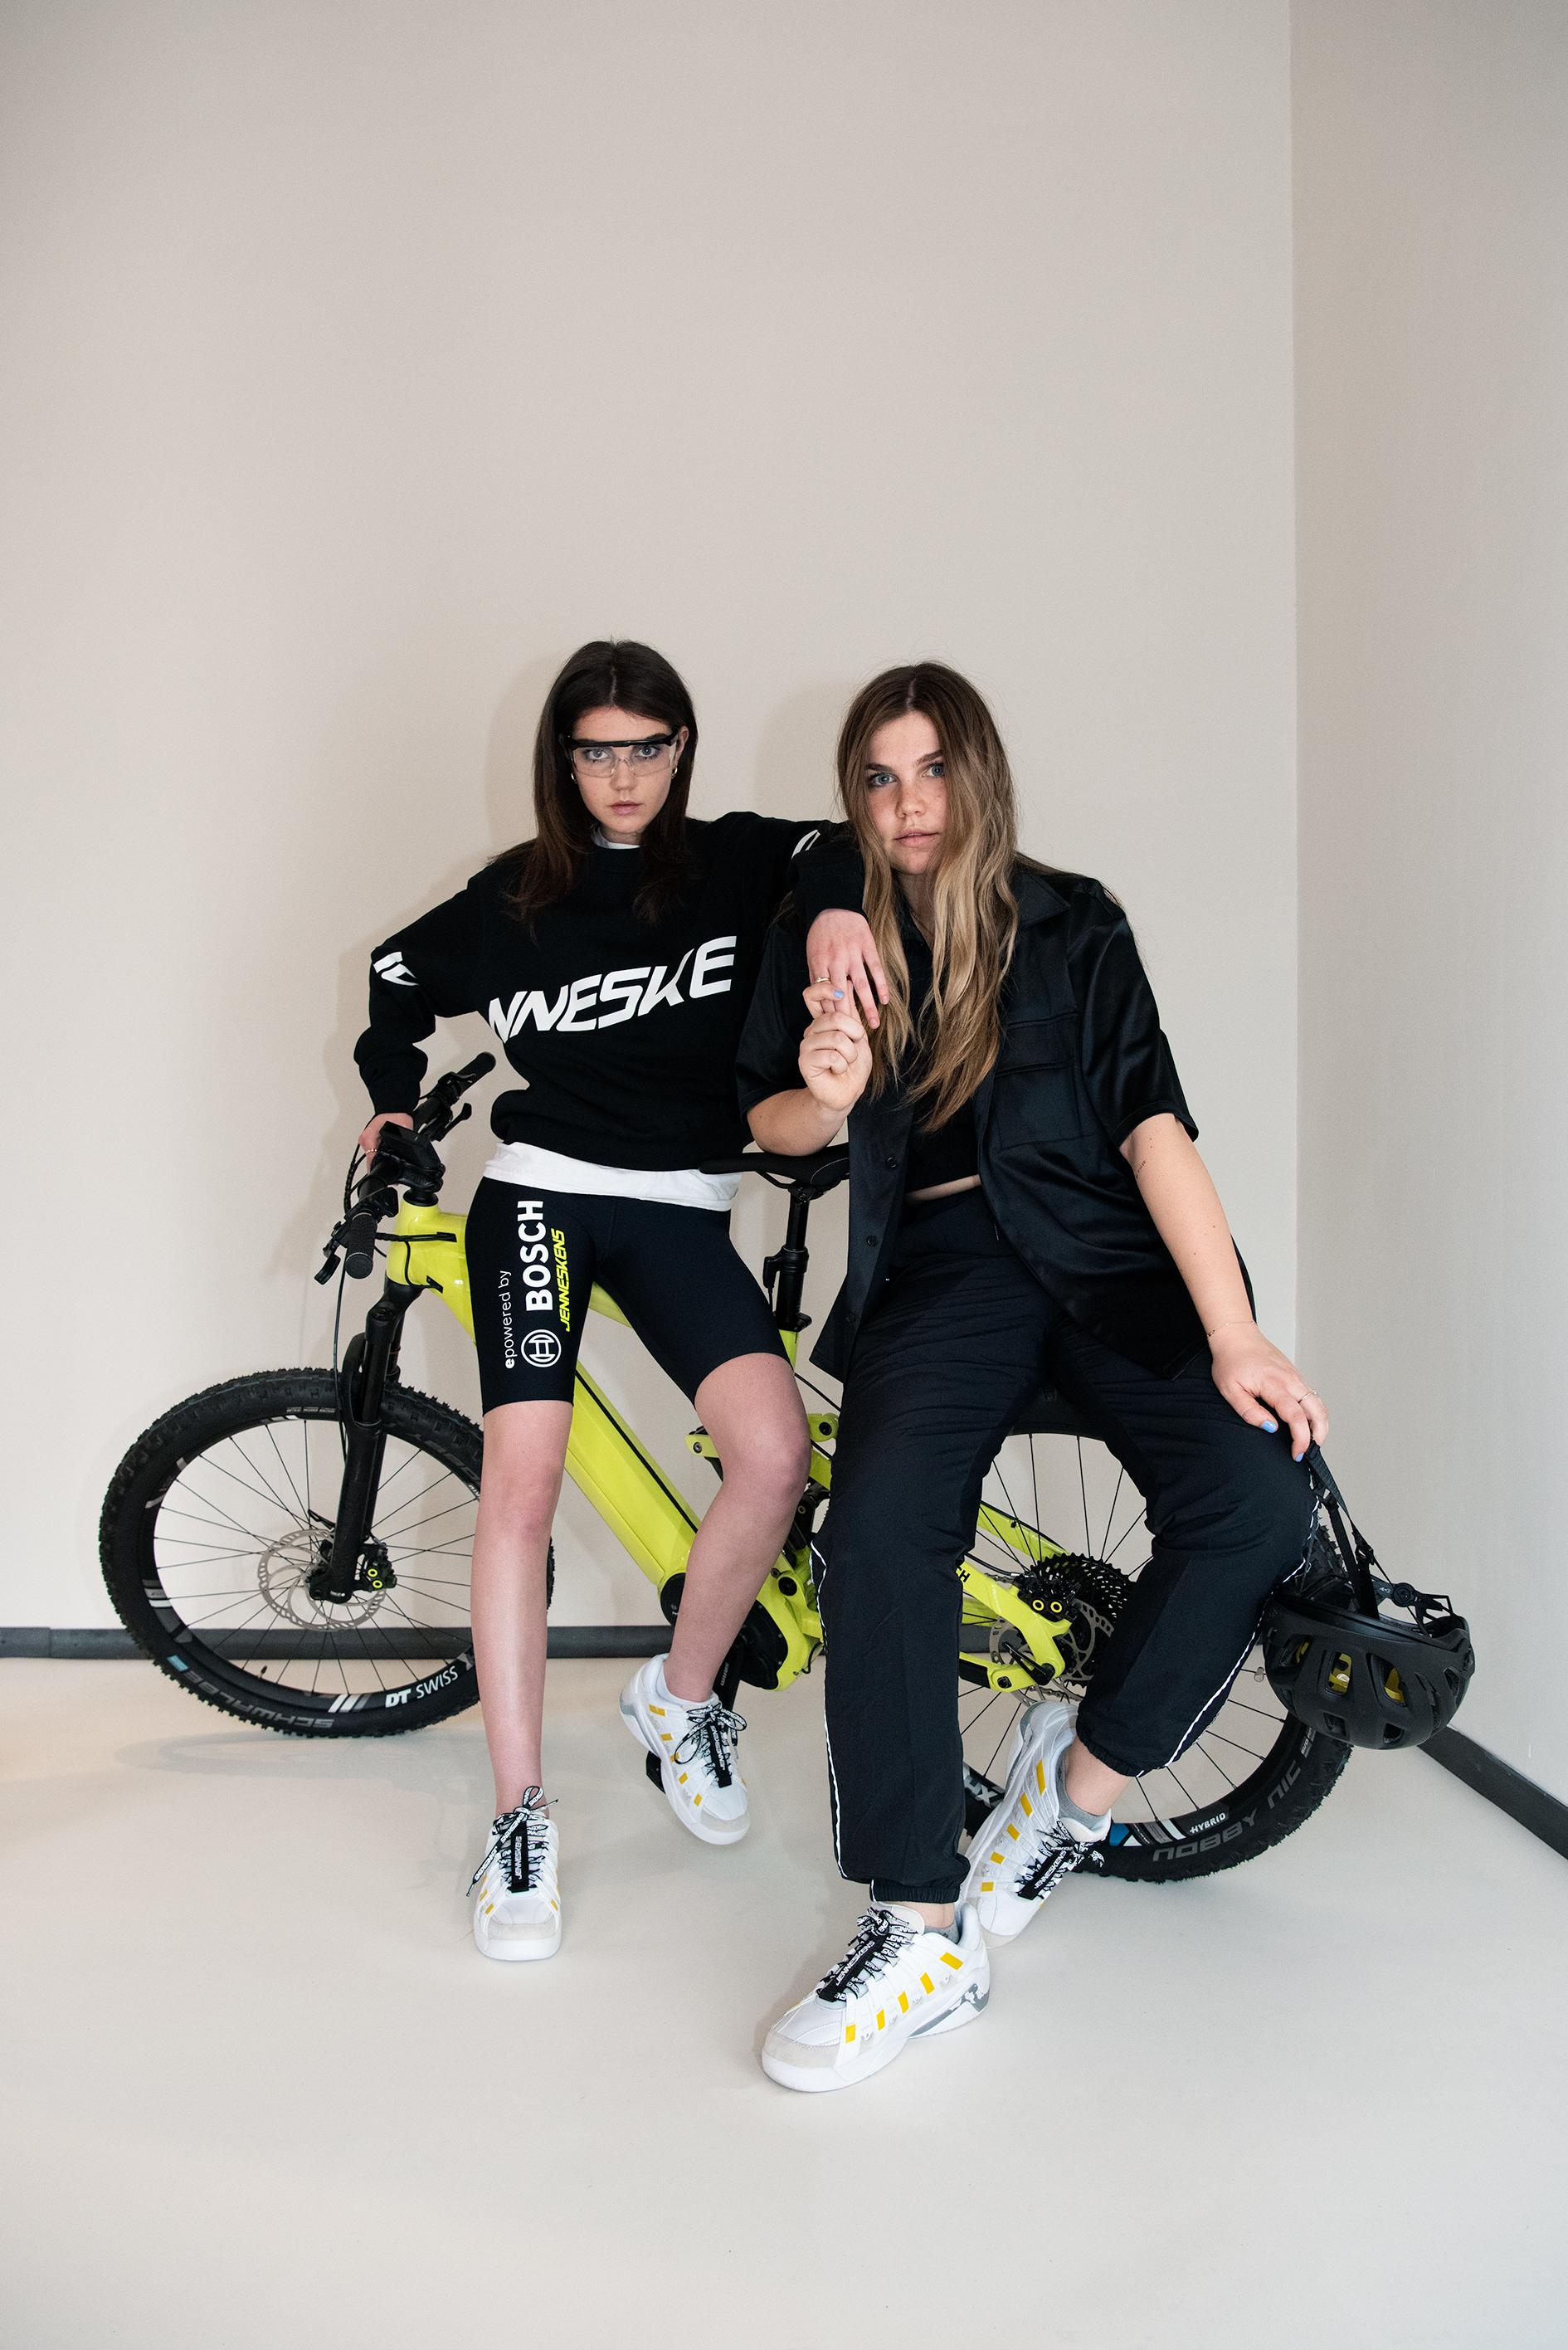 Fashionphotography Jenneskens Bosch fietsbroekje